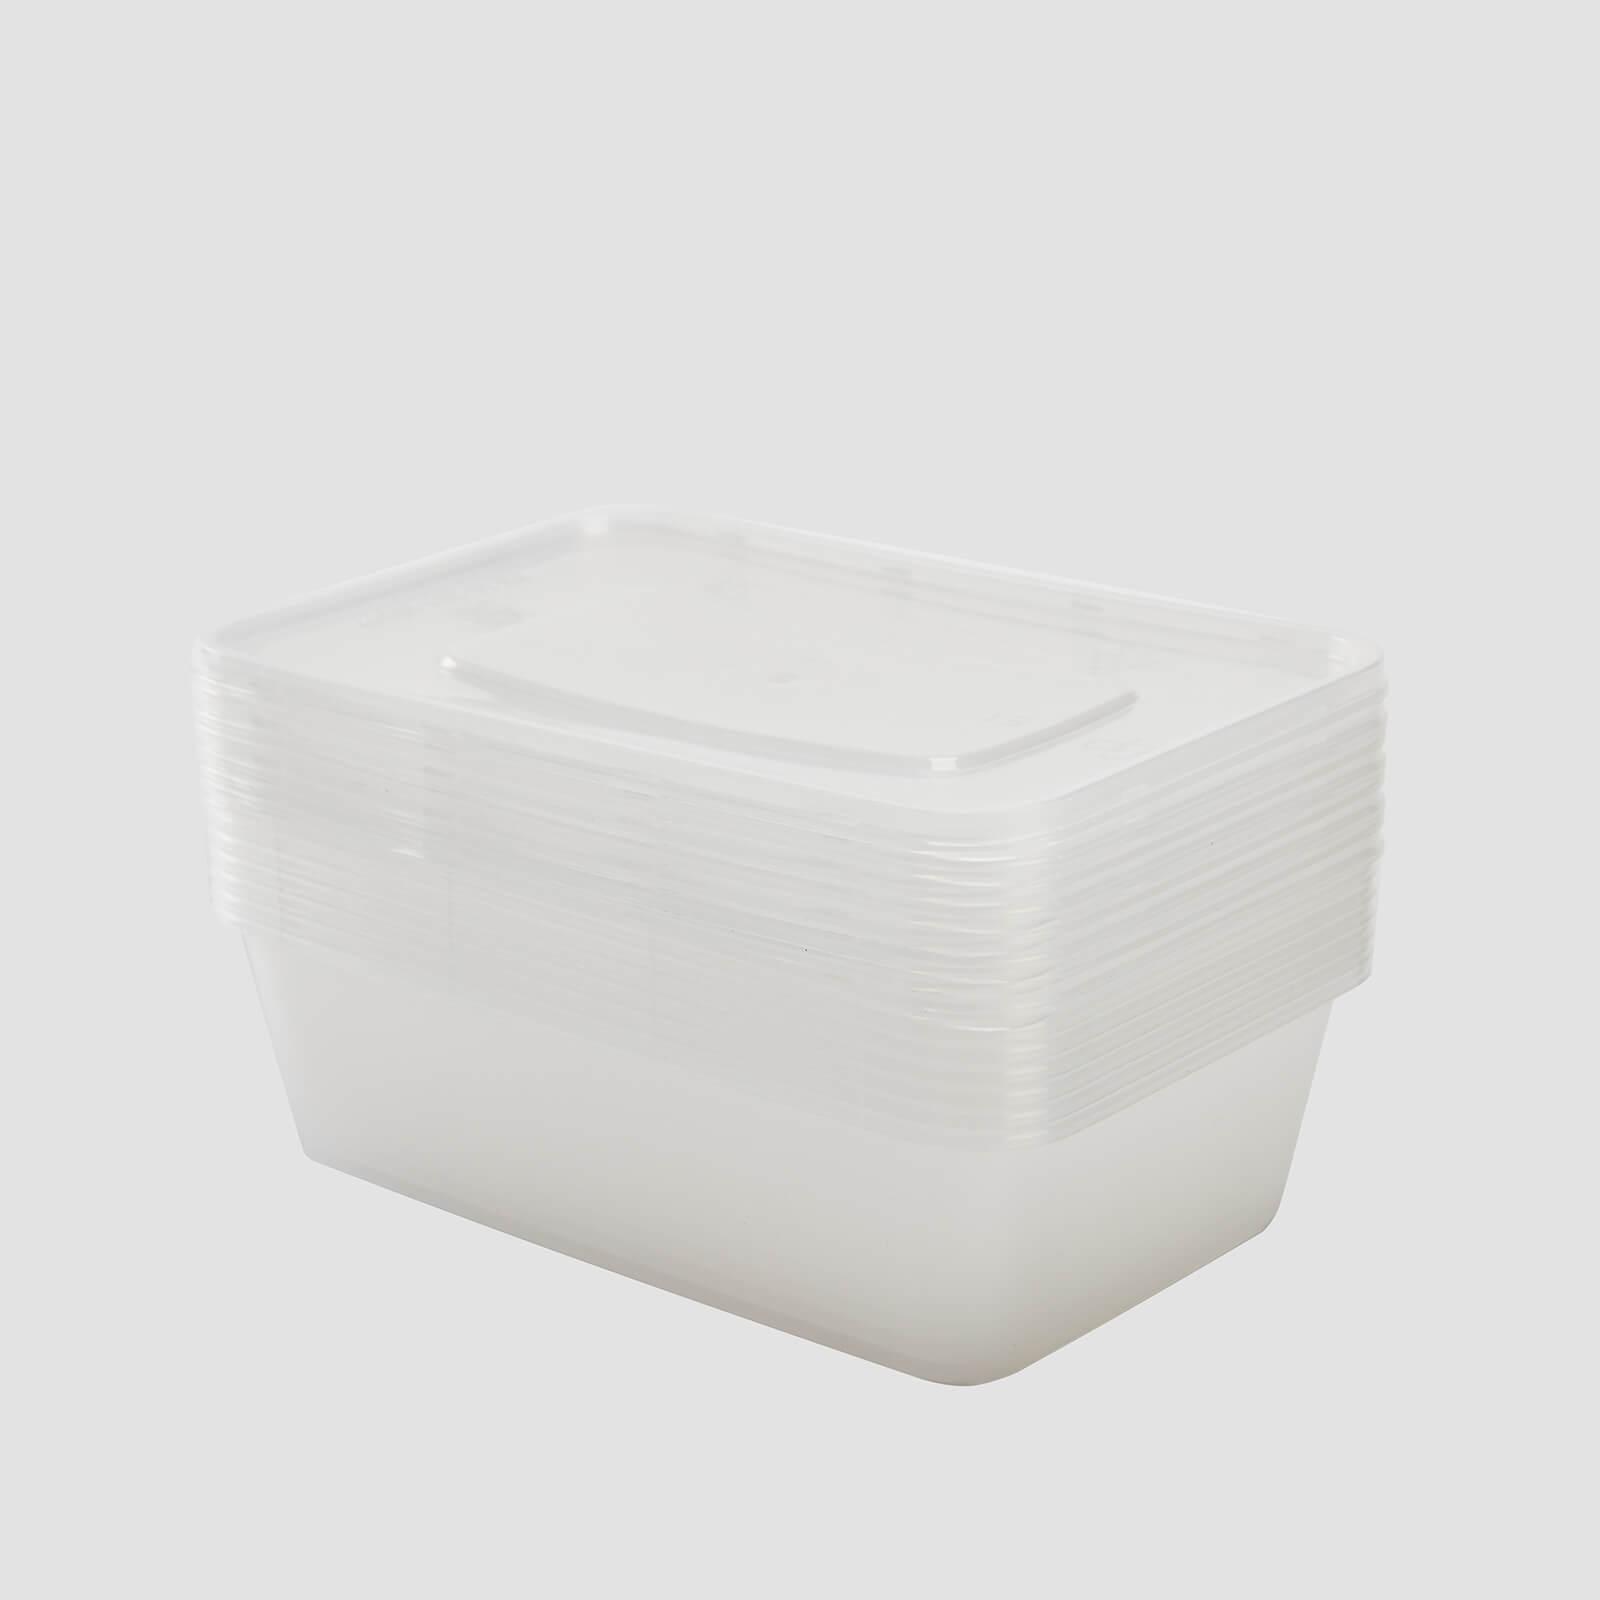 súlycsökkentő tároló edények